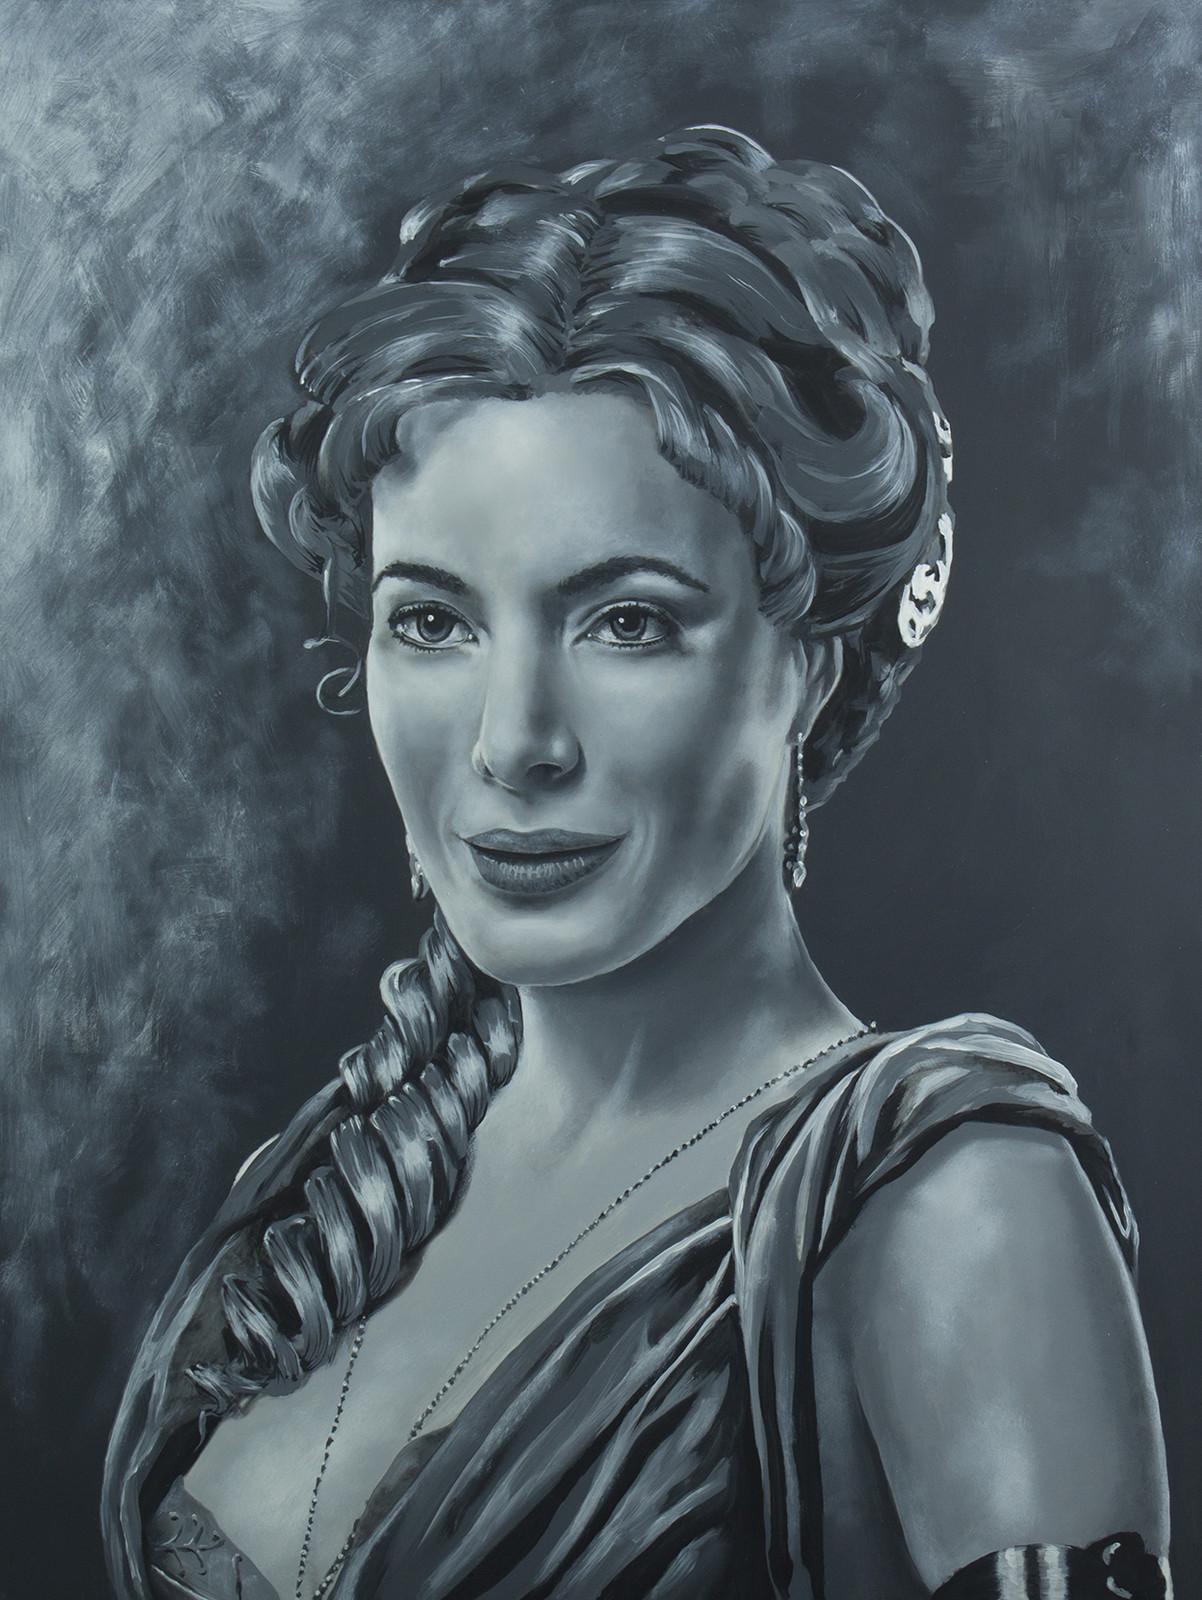 Gaia - Jaime Murray Spartacus Series - Acrylic on board. 16x20